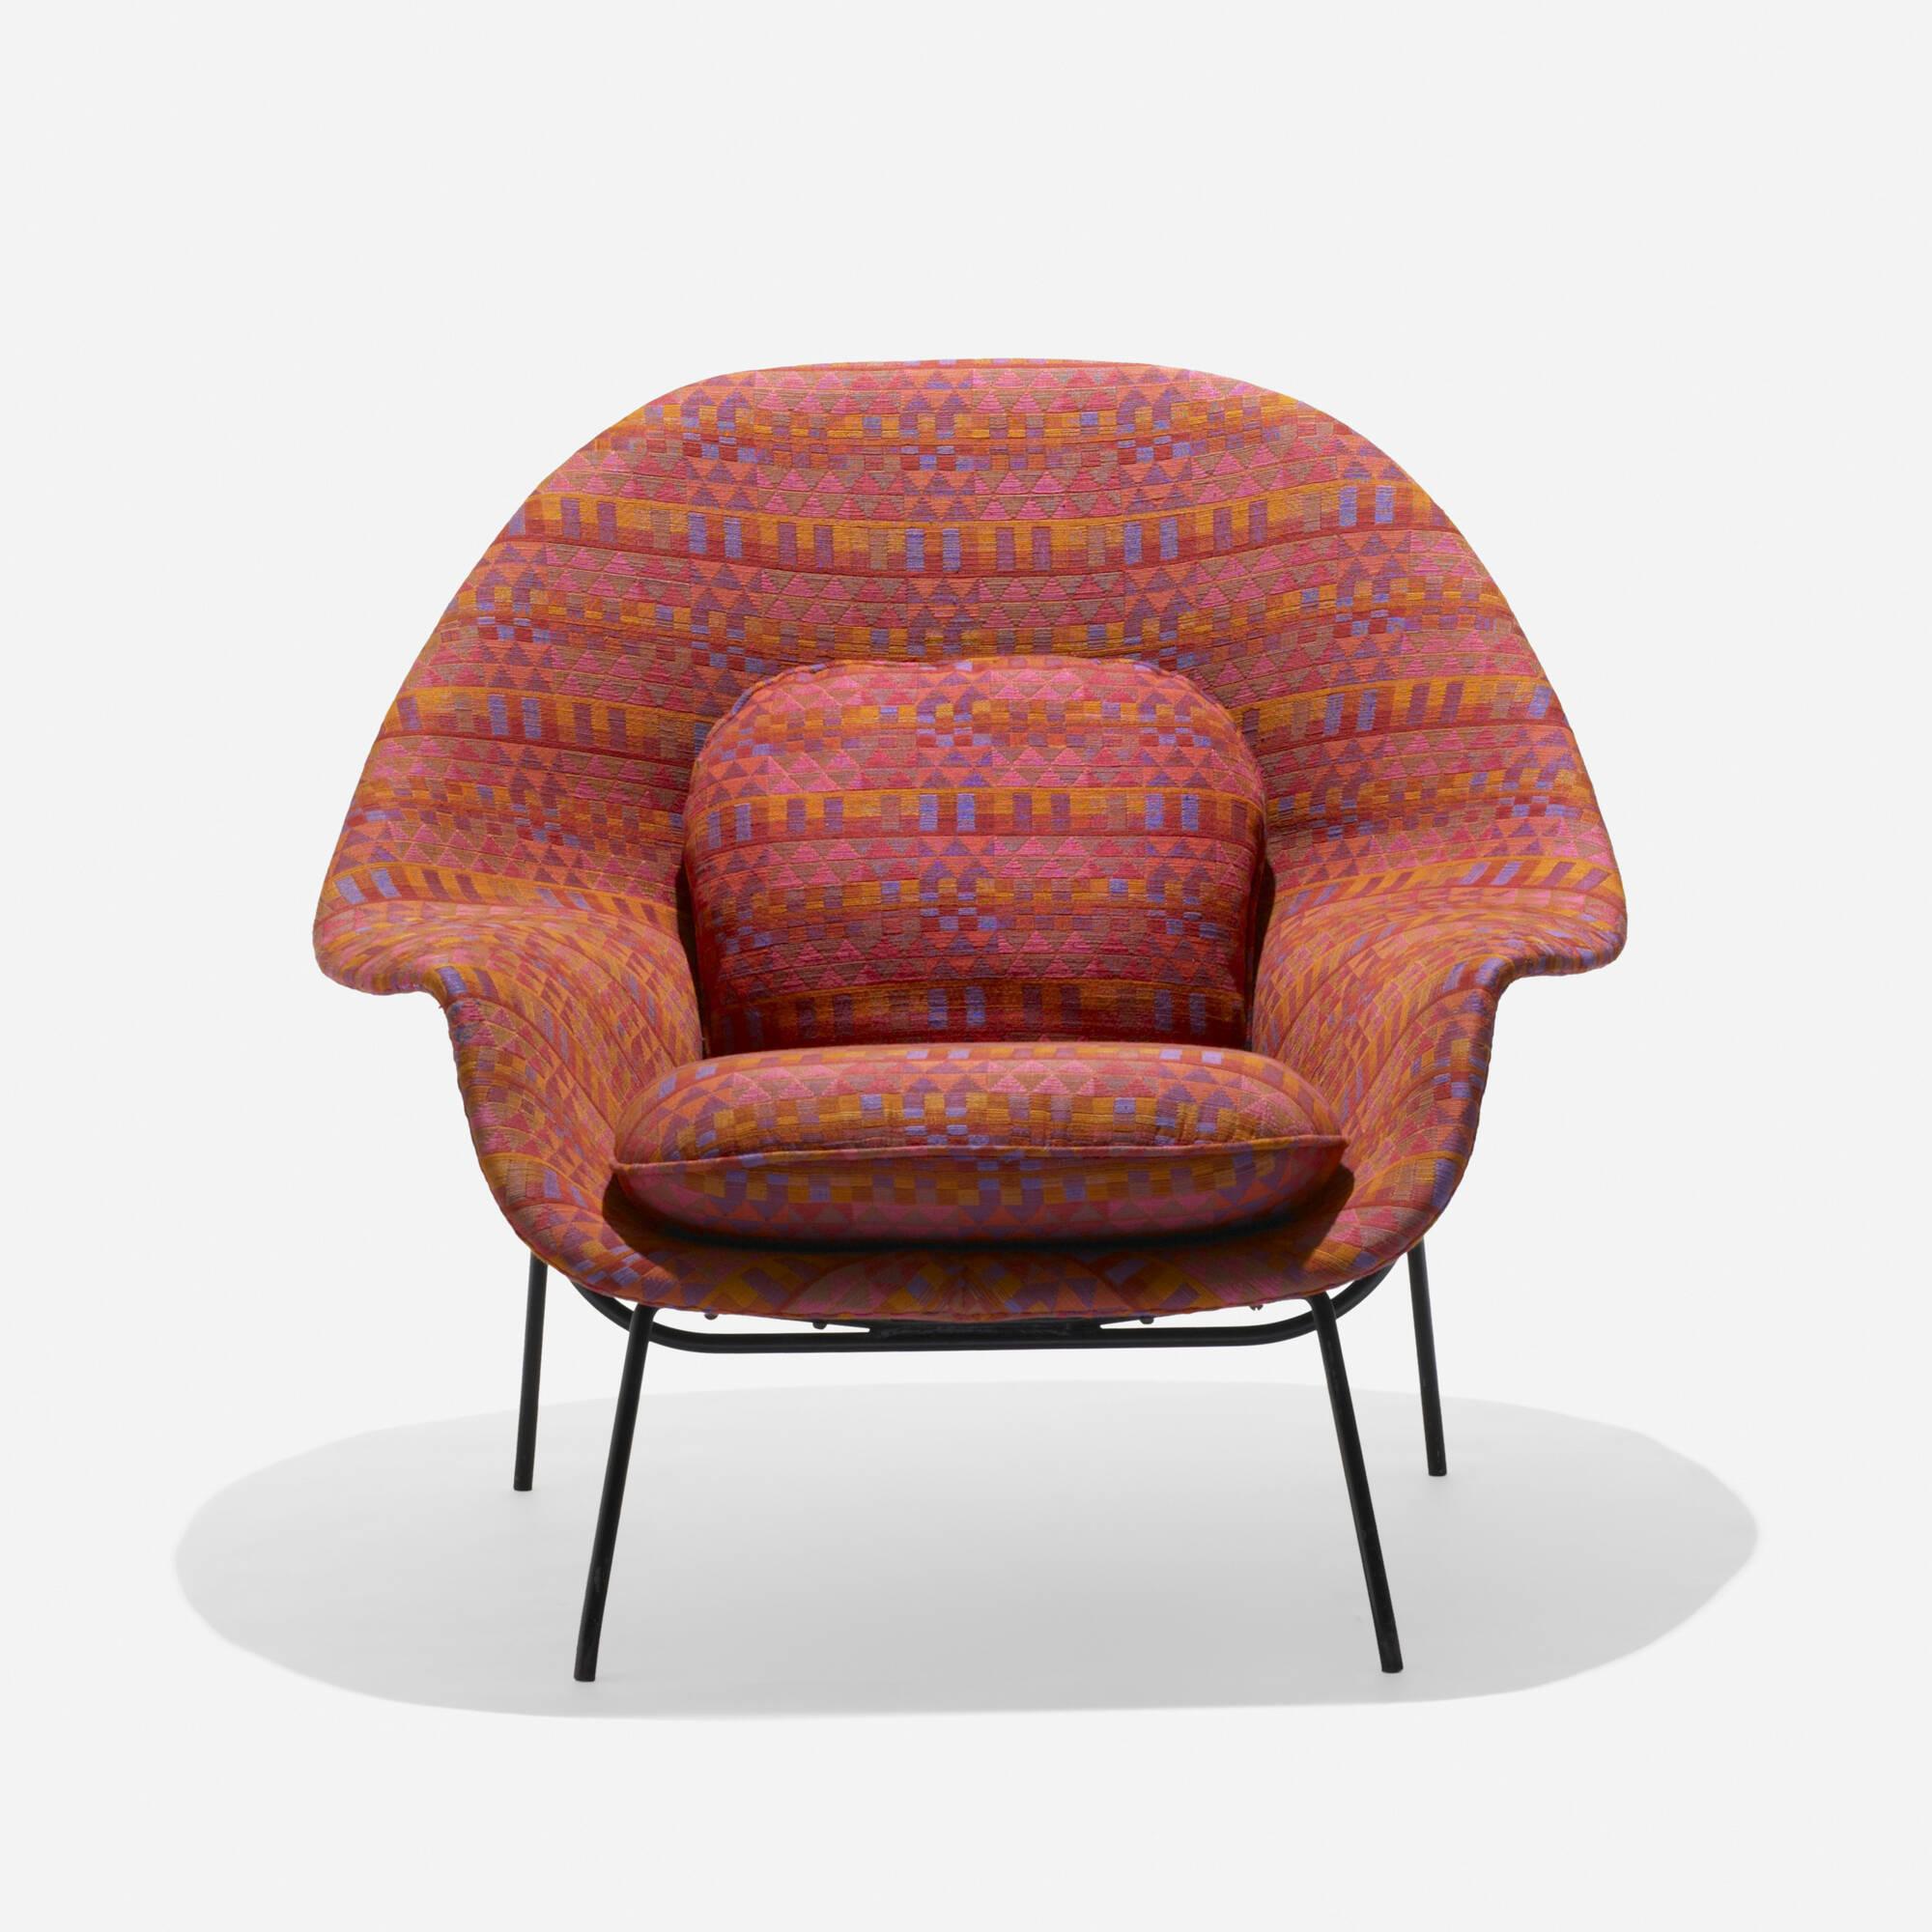 Saarinen womb chair - 169 Eero Saarinen Prototype Womb Chair 1 Of 3